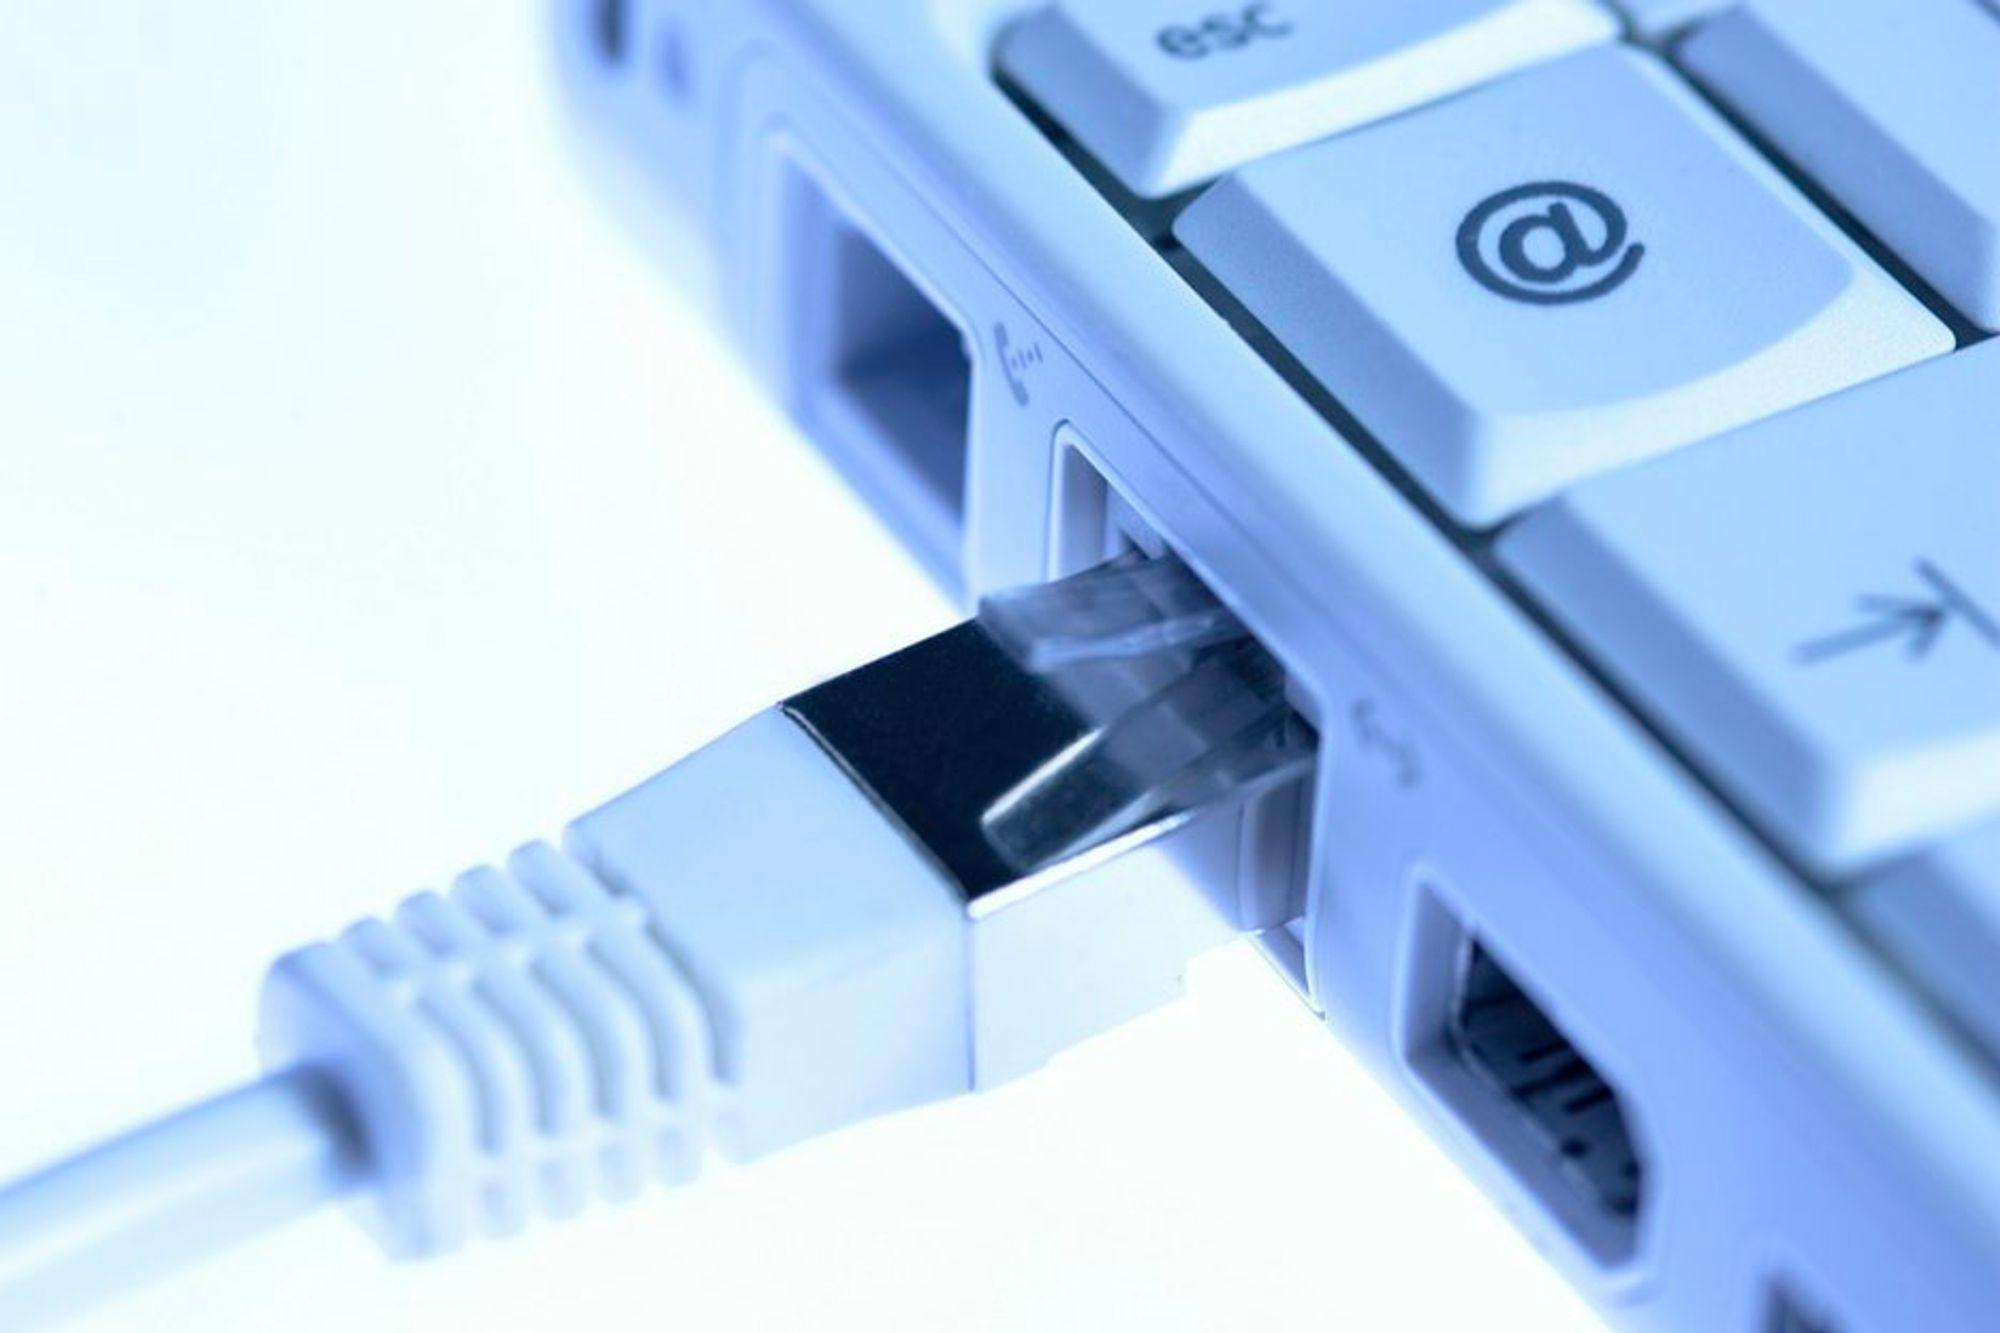 Et gjennomsnittlig norsk bredbåndsabonnement har i dag en nedlastingshastighet på 5,9 Mbit\s. Raskest nett har de i Rogaland.